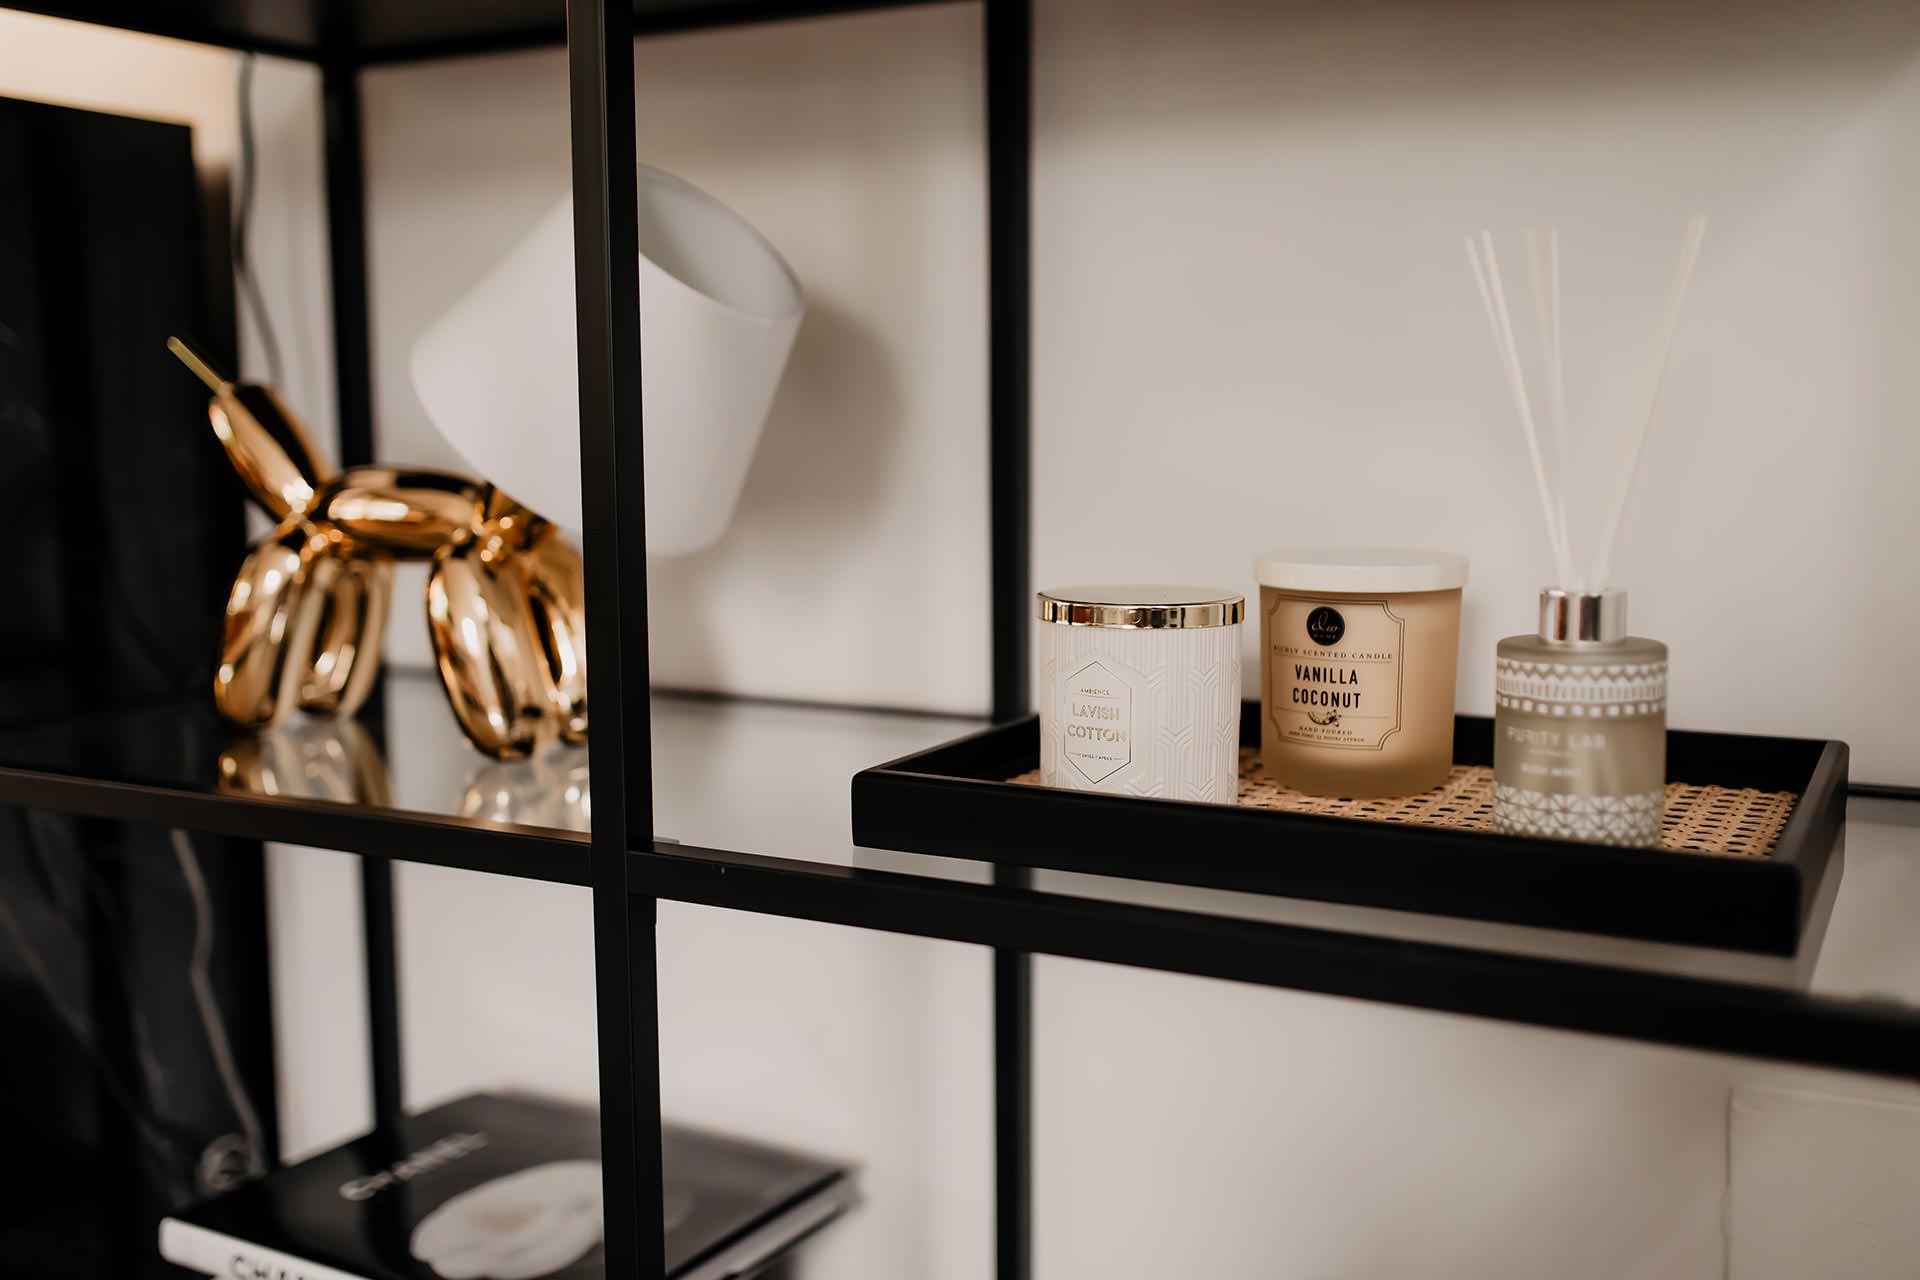 Auf meinem Interior Blog zeige ich dir Wohnideen, Einrichtungstipps und Einblicke in unser neues Zuhause. So haben wir unser Wohnzimmer, Küche, Essbereich und eine Wand mit Konsole gestaltet. www.whoismocca.com #hundelampe #konsole